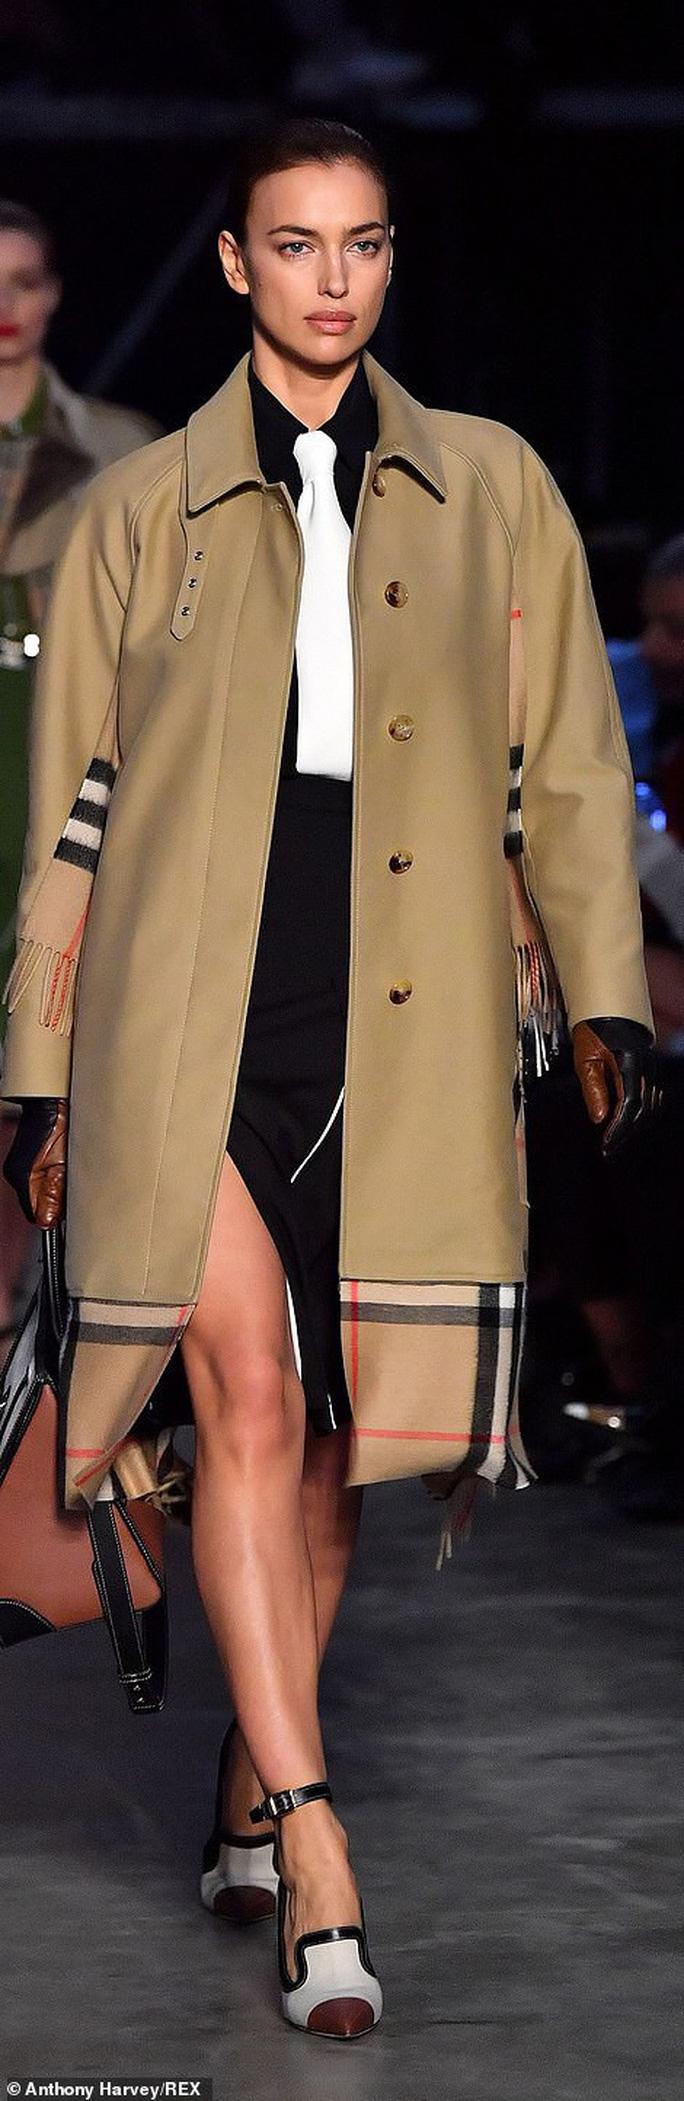 Siêu mẫu Gigi Hadid với kiểu tóc lạ trên sàn diễn London - Ảnh 4.